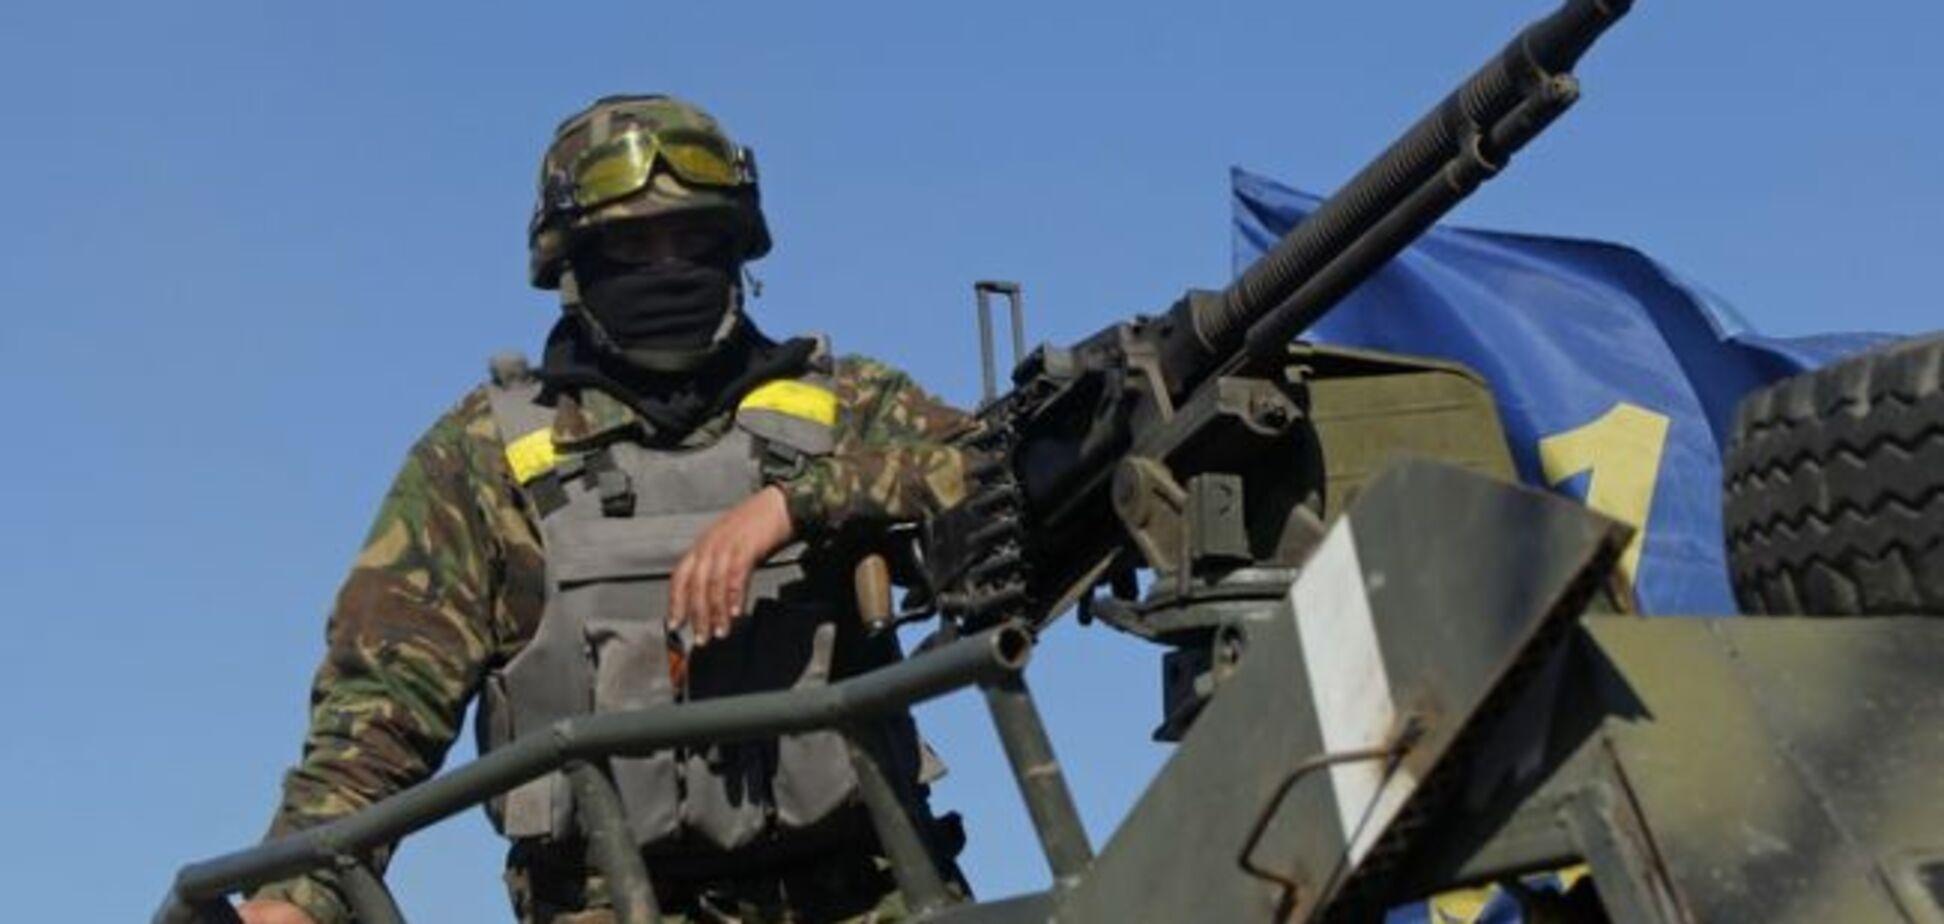 Нова військова операція в Україні: з'явилася бурхлива реакція 'ДНР'